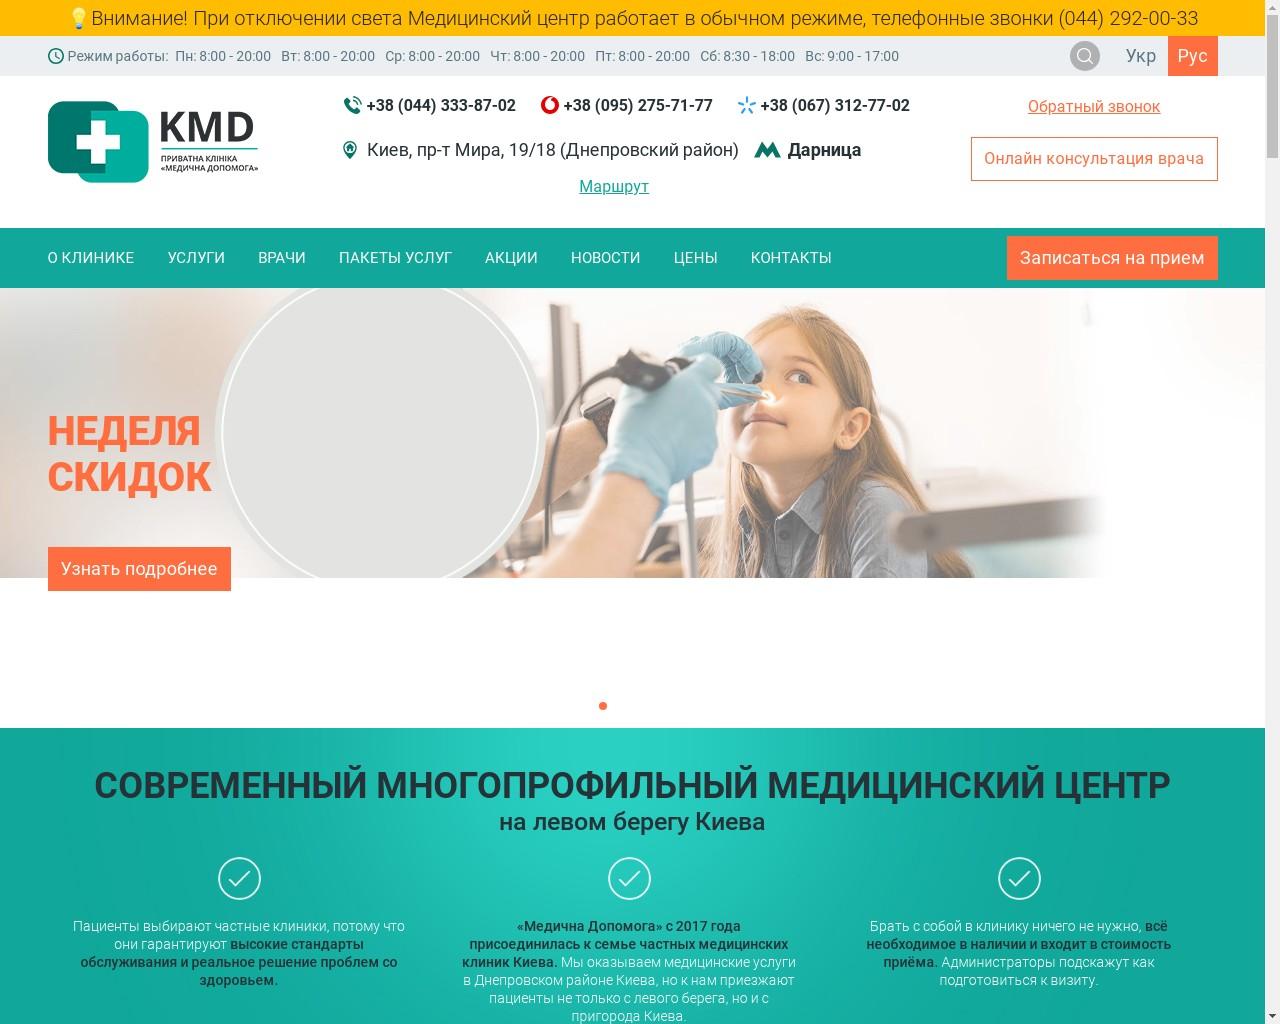 Медична Допомога - частная клиника в Днепровском районе Киева